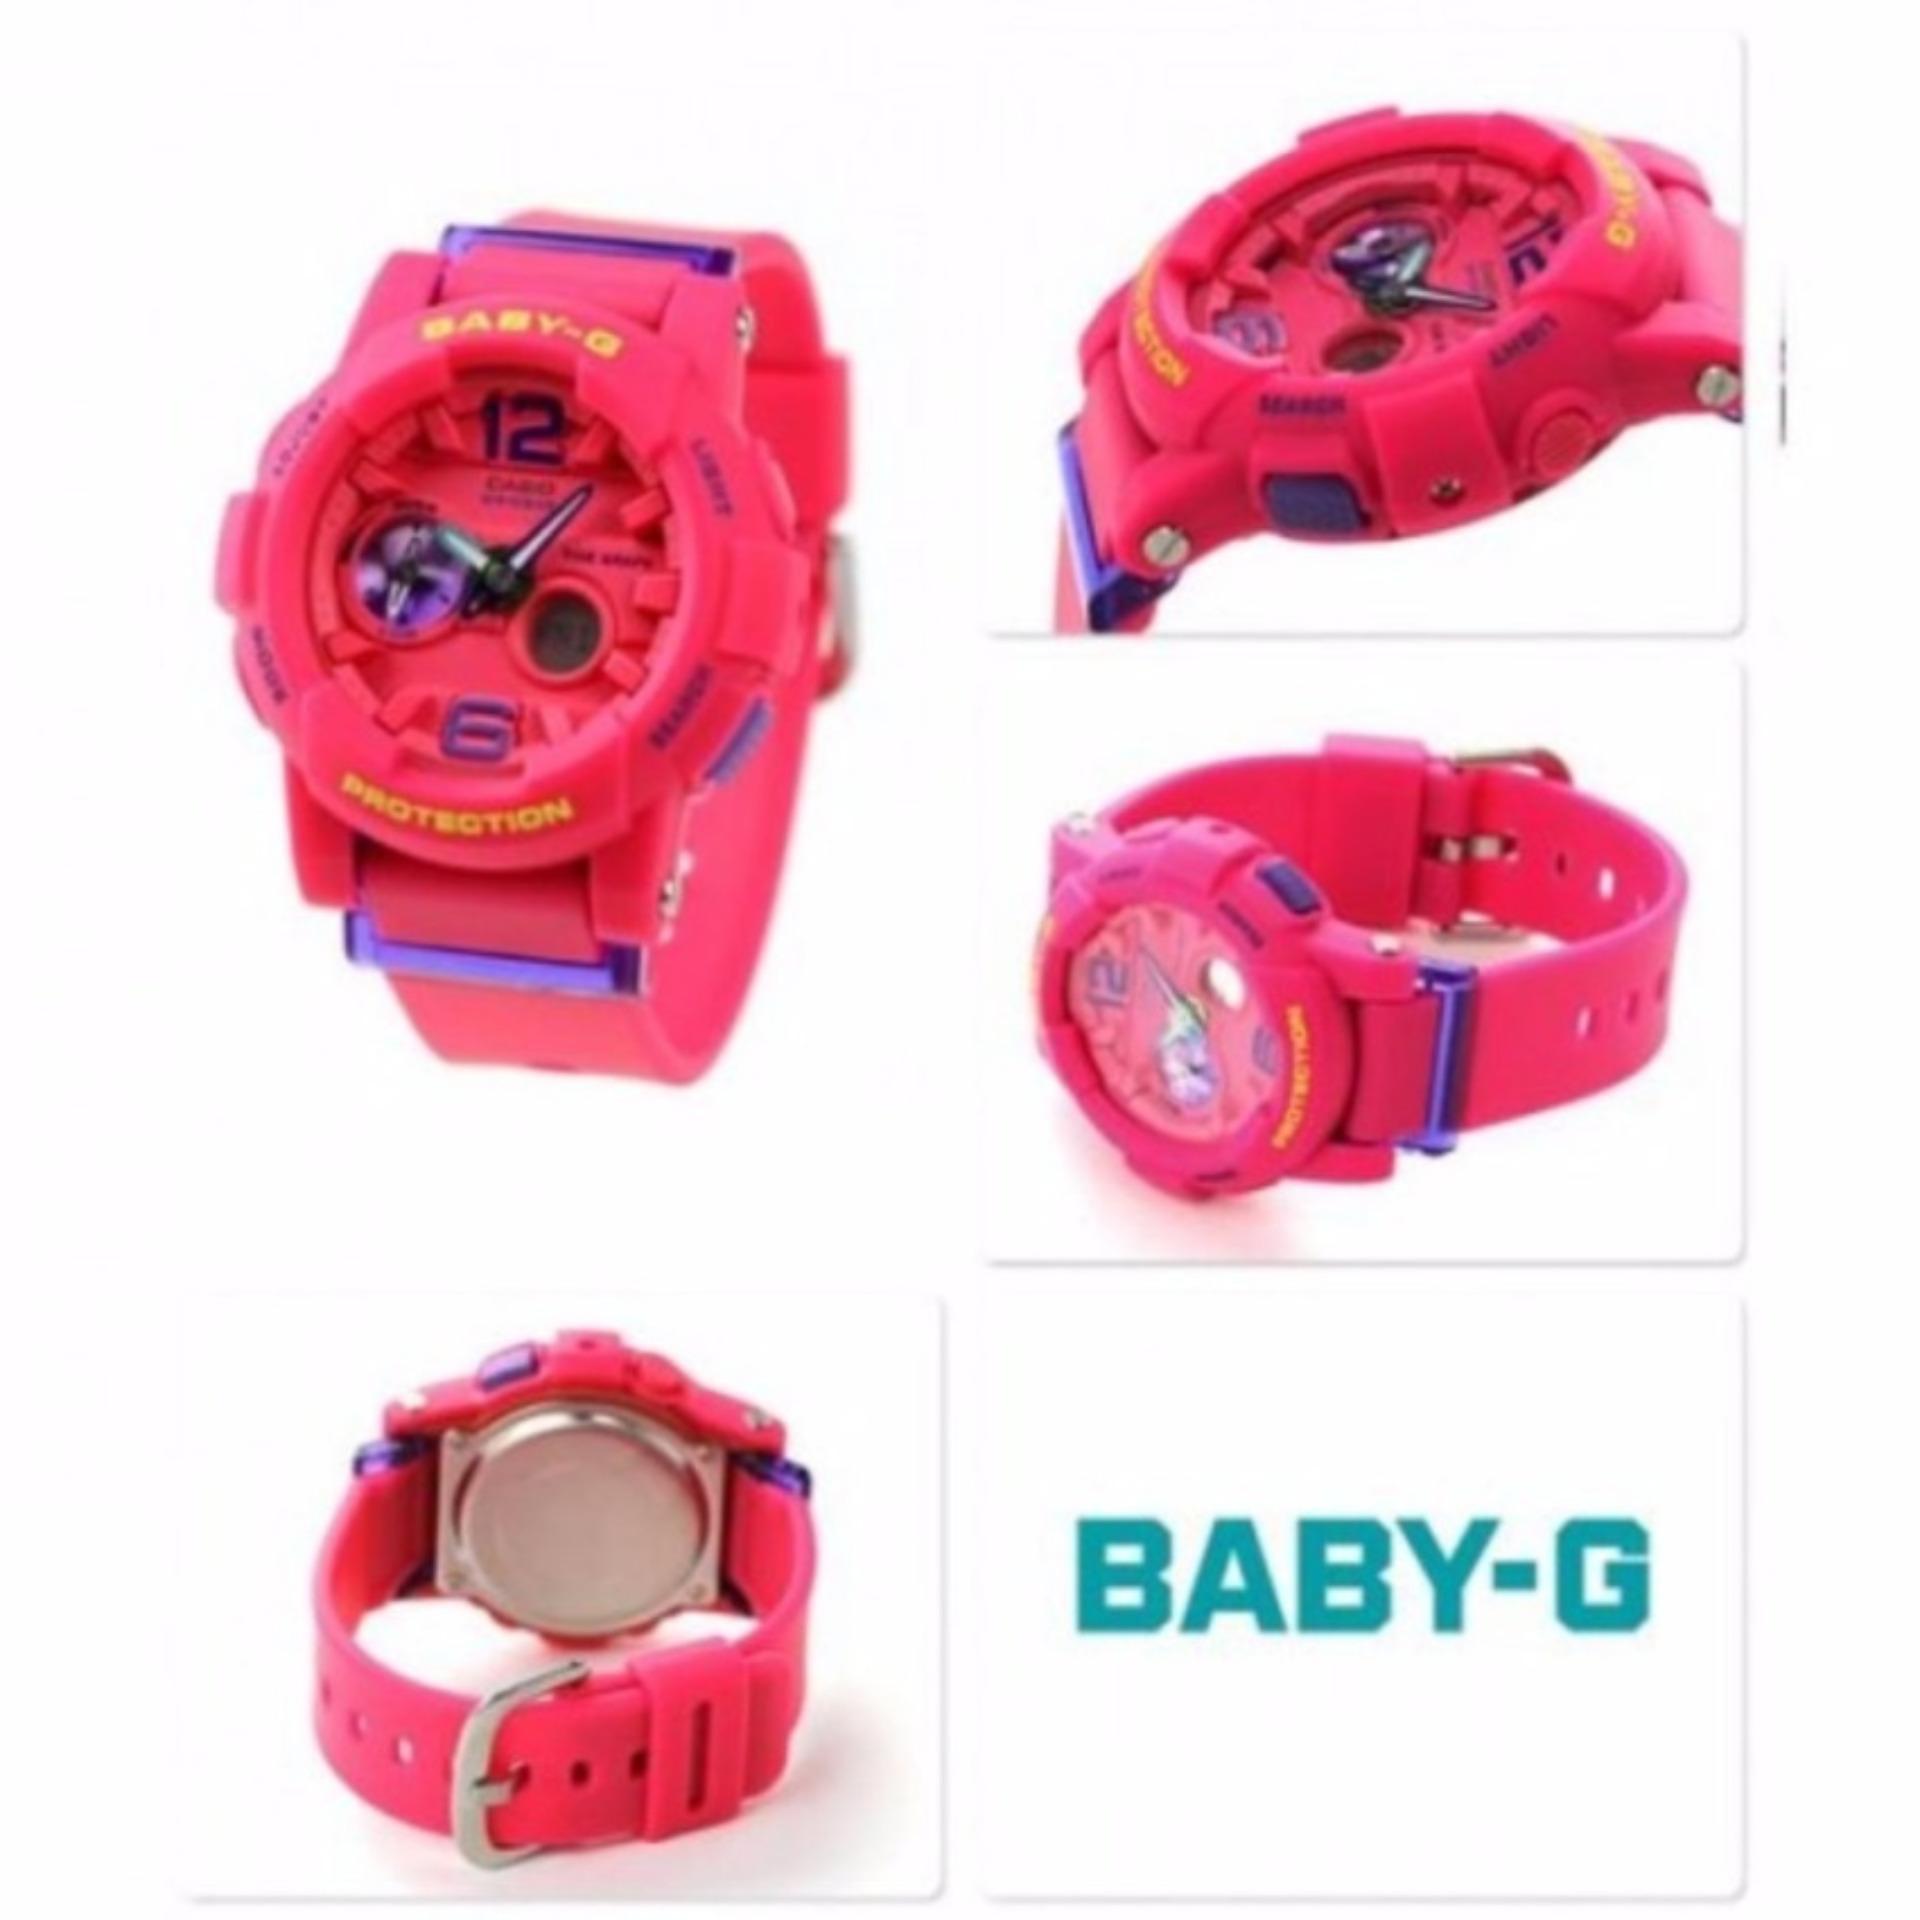 Casio Baby G Bga 180 2b3 Biru Daftar Harga Terkini Termurah Dan Bgs Jam Tangan Wanita Muda Tali Gelang Karet